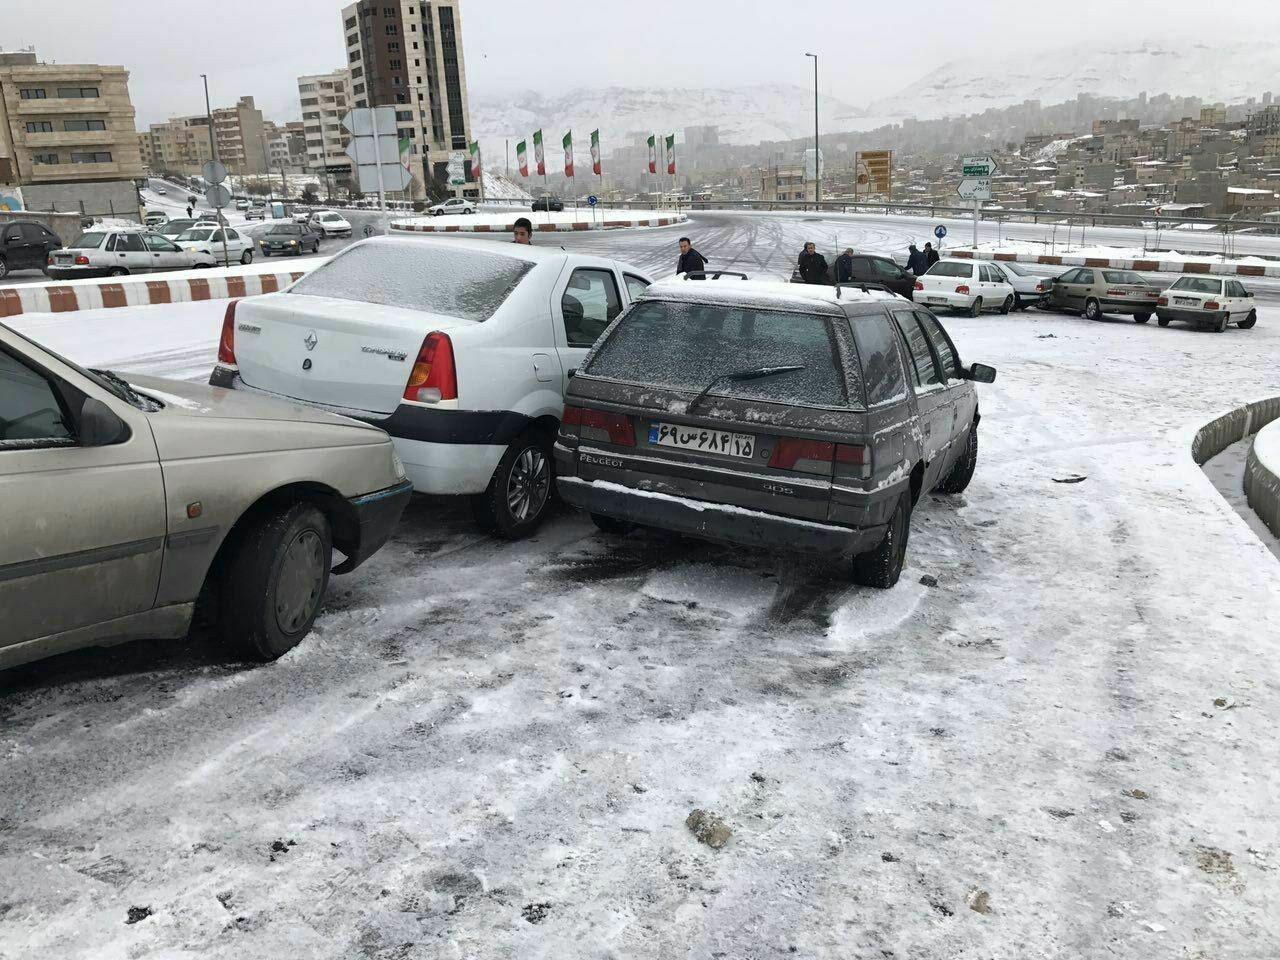 خسارات جانی و مالی لغزندگی معابر عمومی در تبریز / شهرداری تبریز تدبیر کند